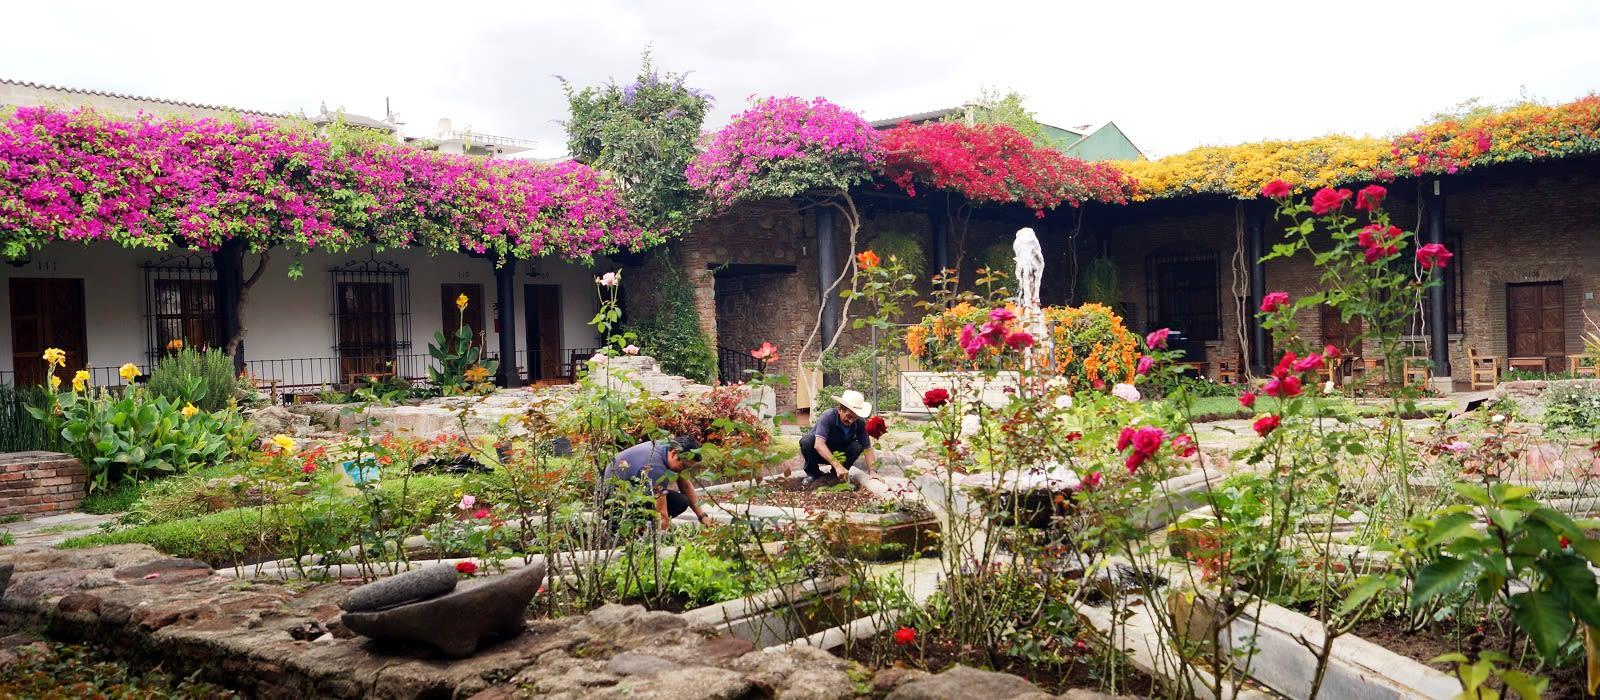 Guatemala Reise: Glitzernder See & schillernde Kultur Urlaub 6